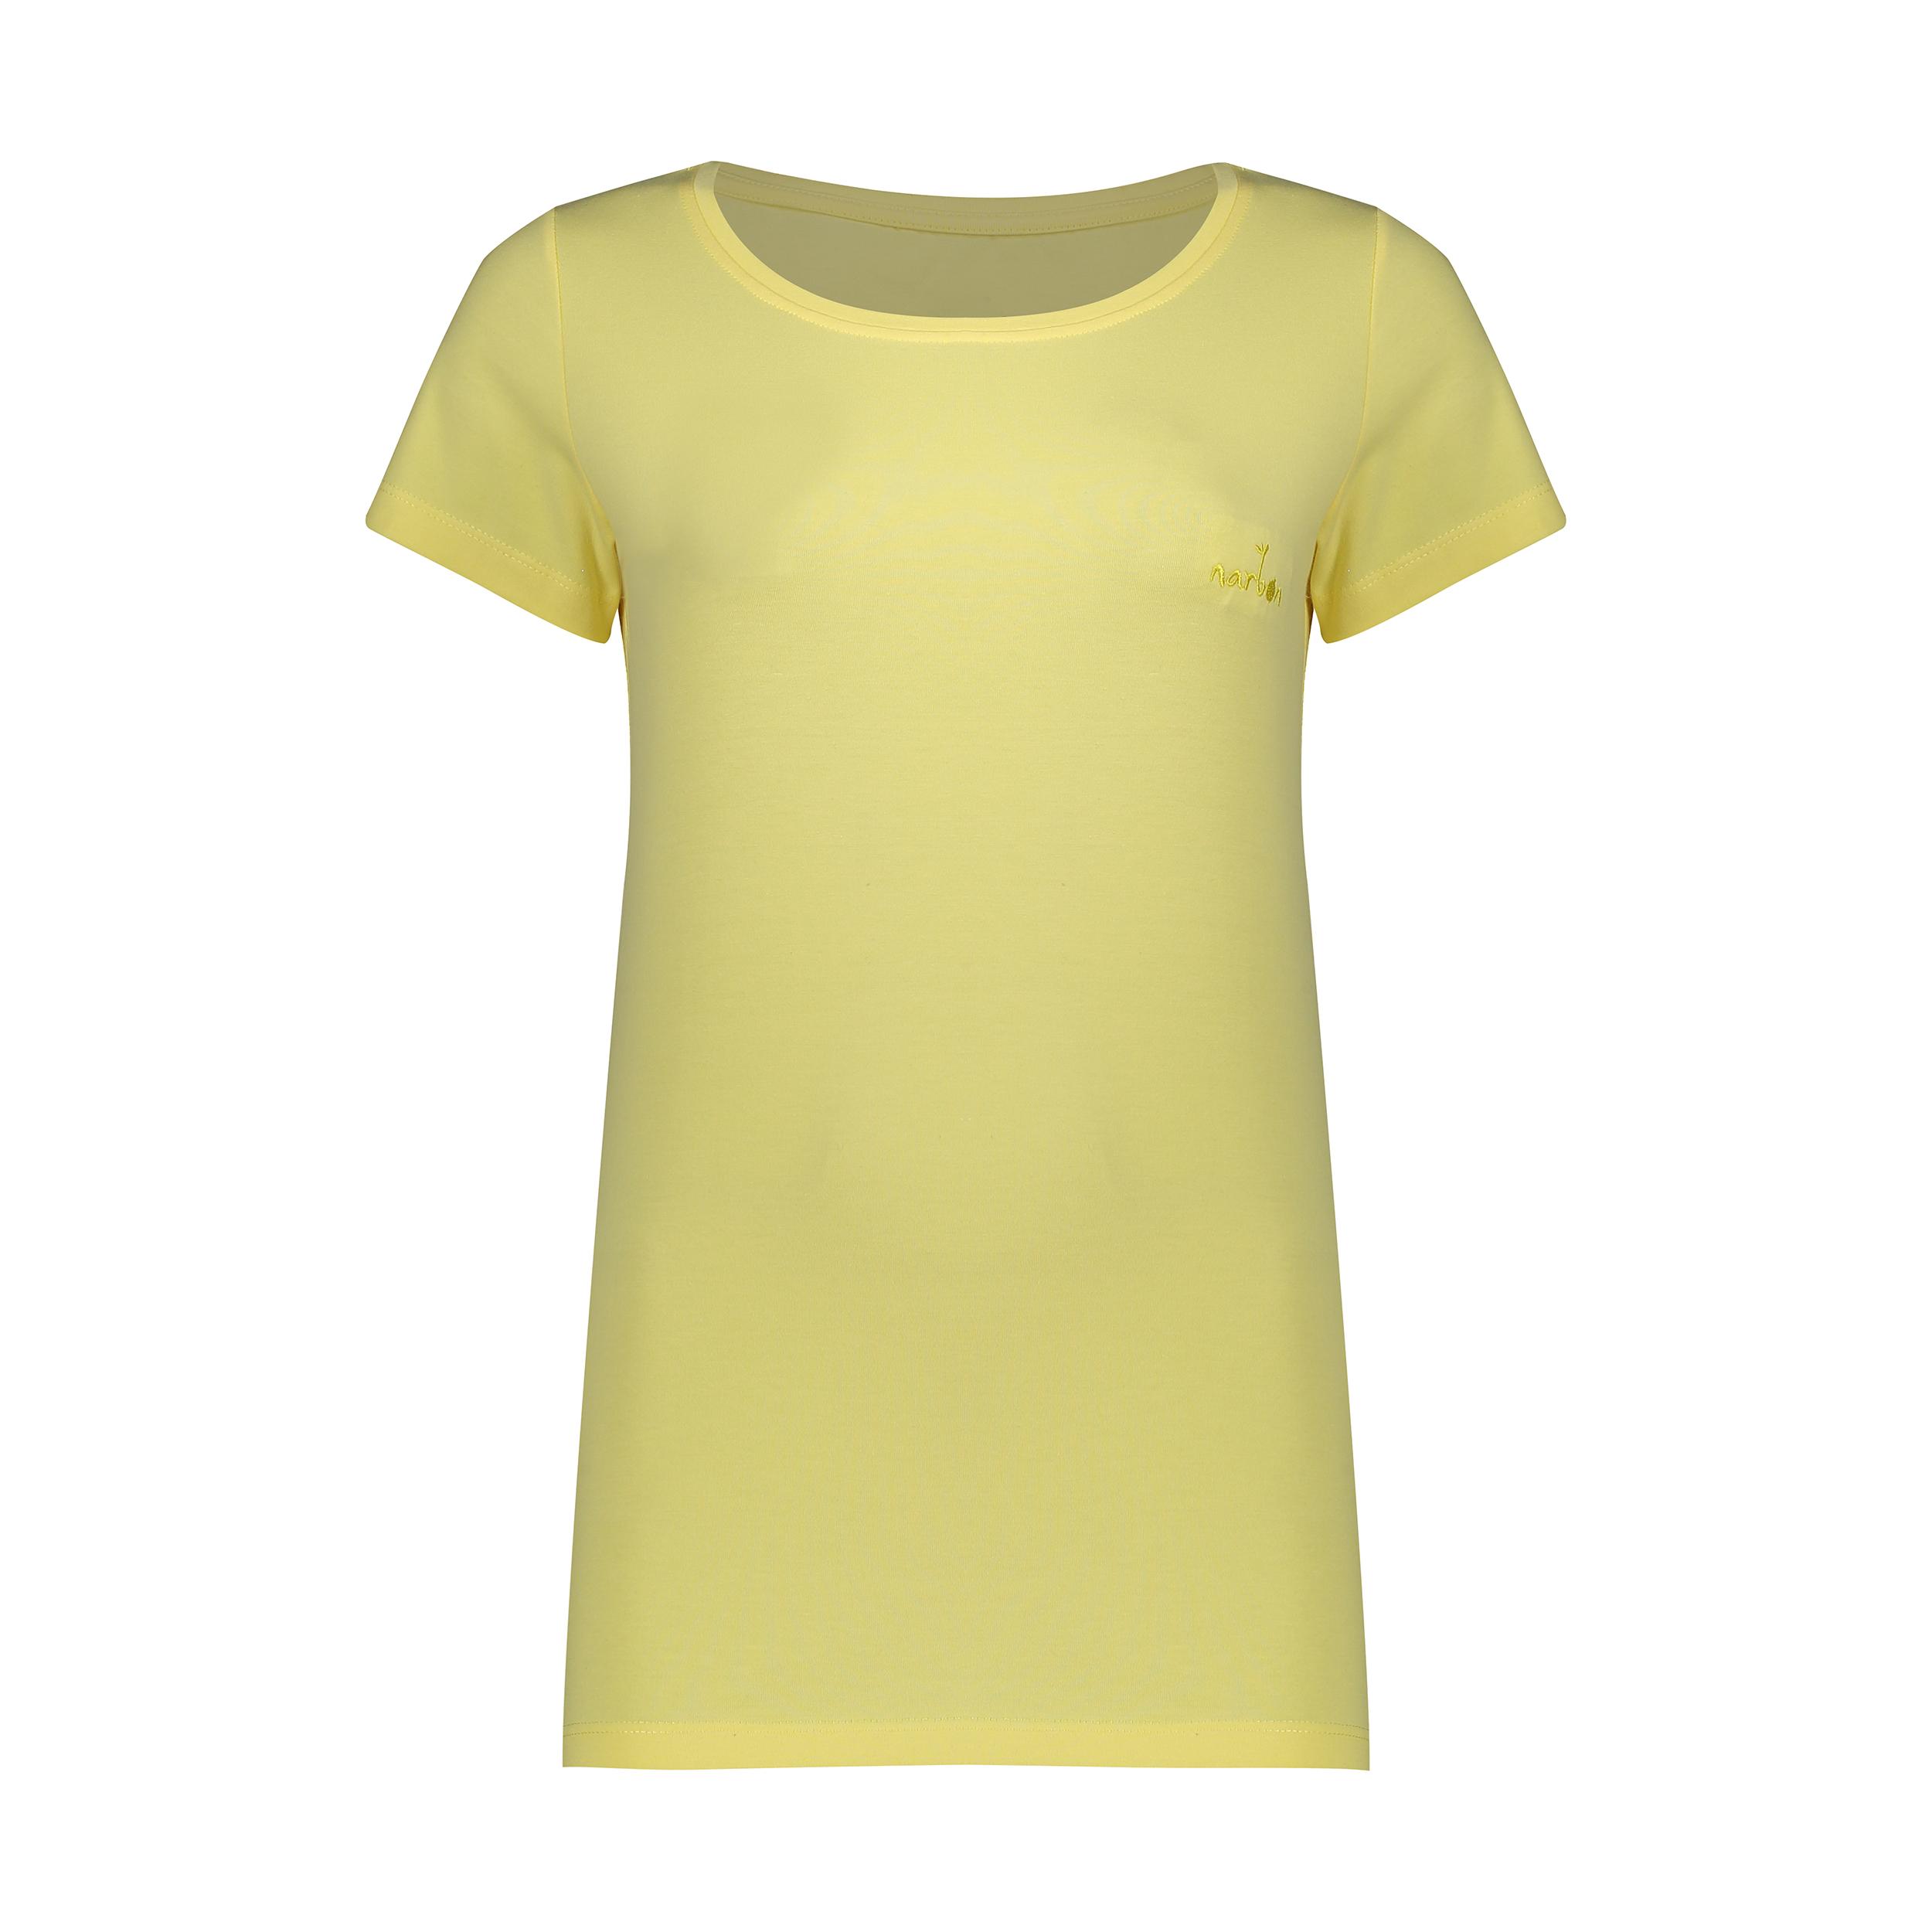 تی شرت زنانه ناربن مدل 1521232-19